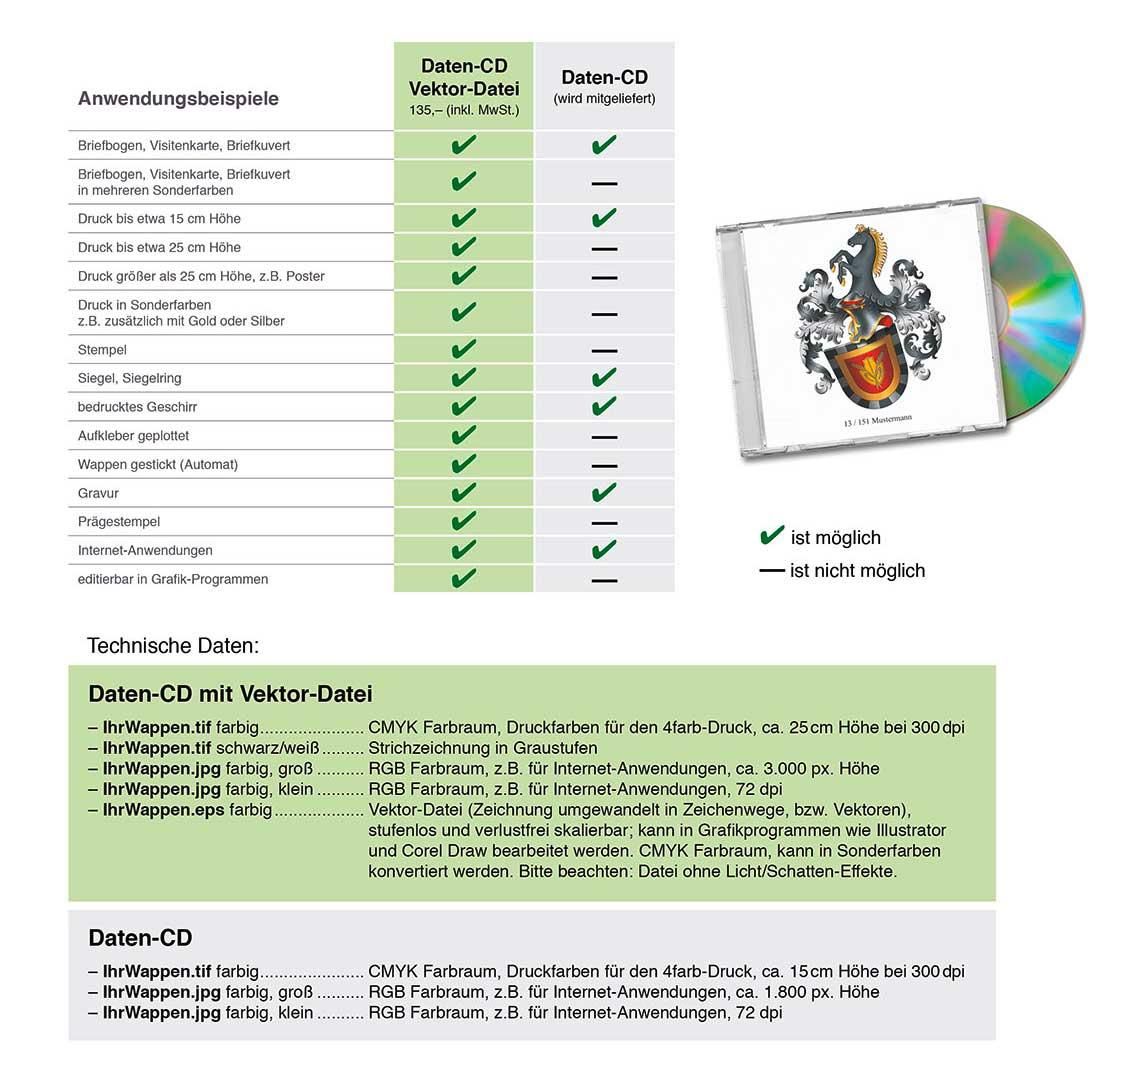 Familienwappen Daten CD, Wappen erstellen Daten CD, Wappen digitalisieren, Familienwappen digital, Vektordatei